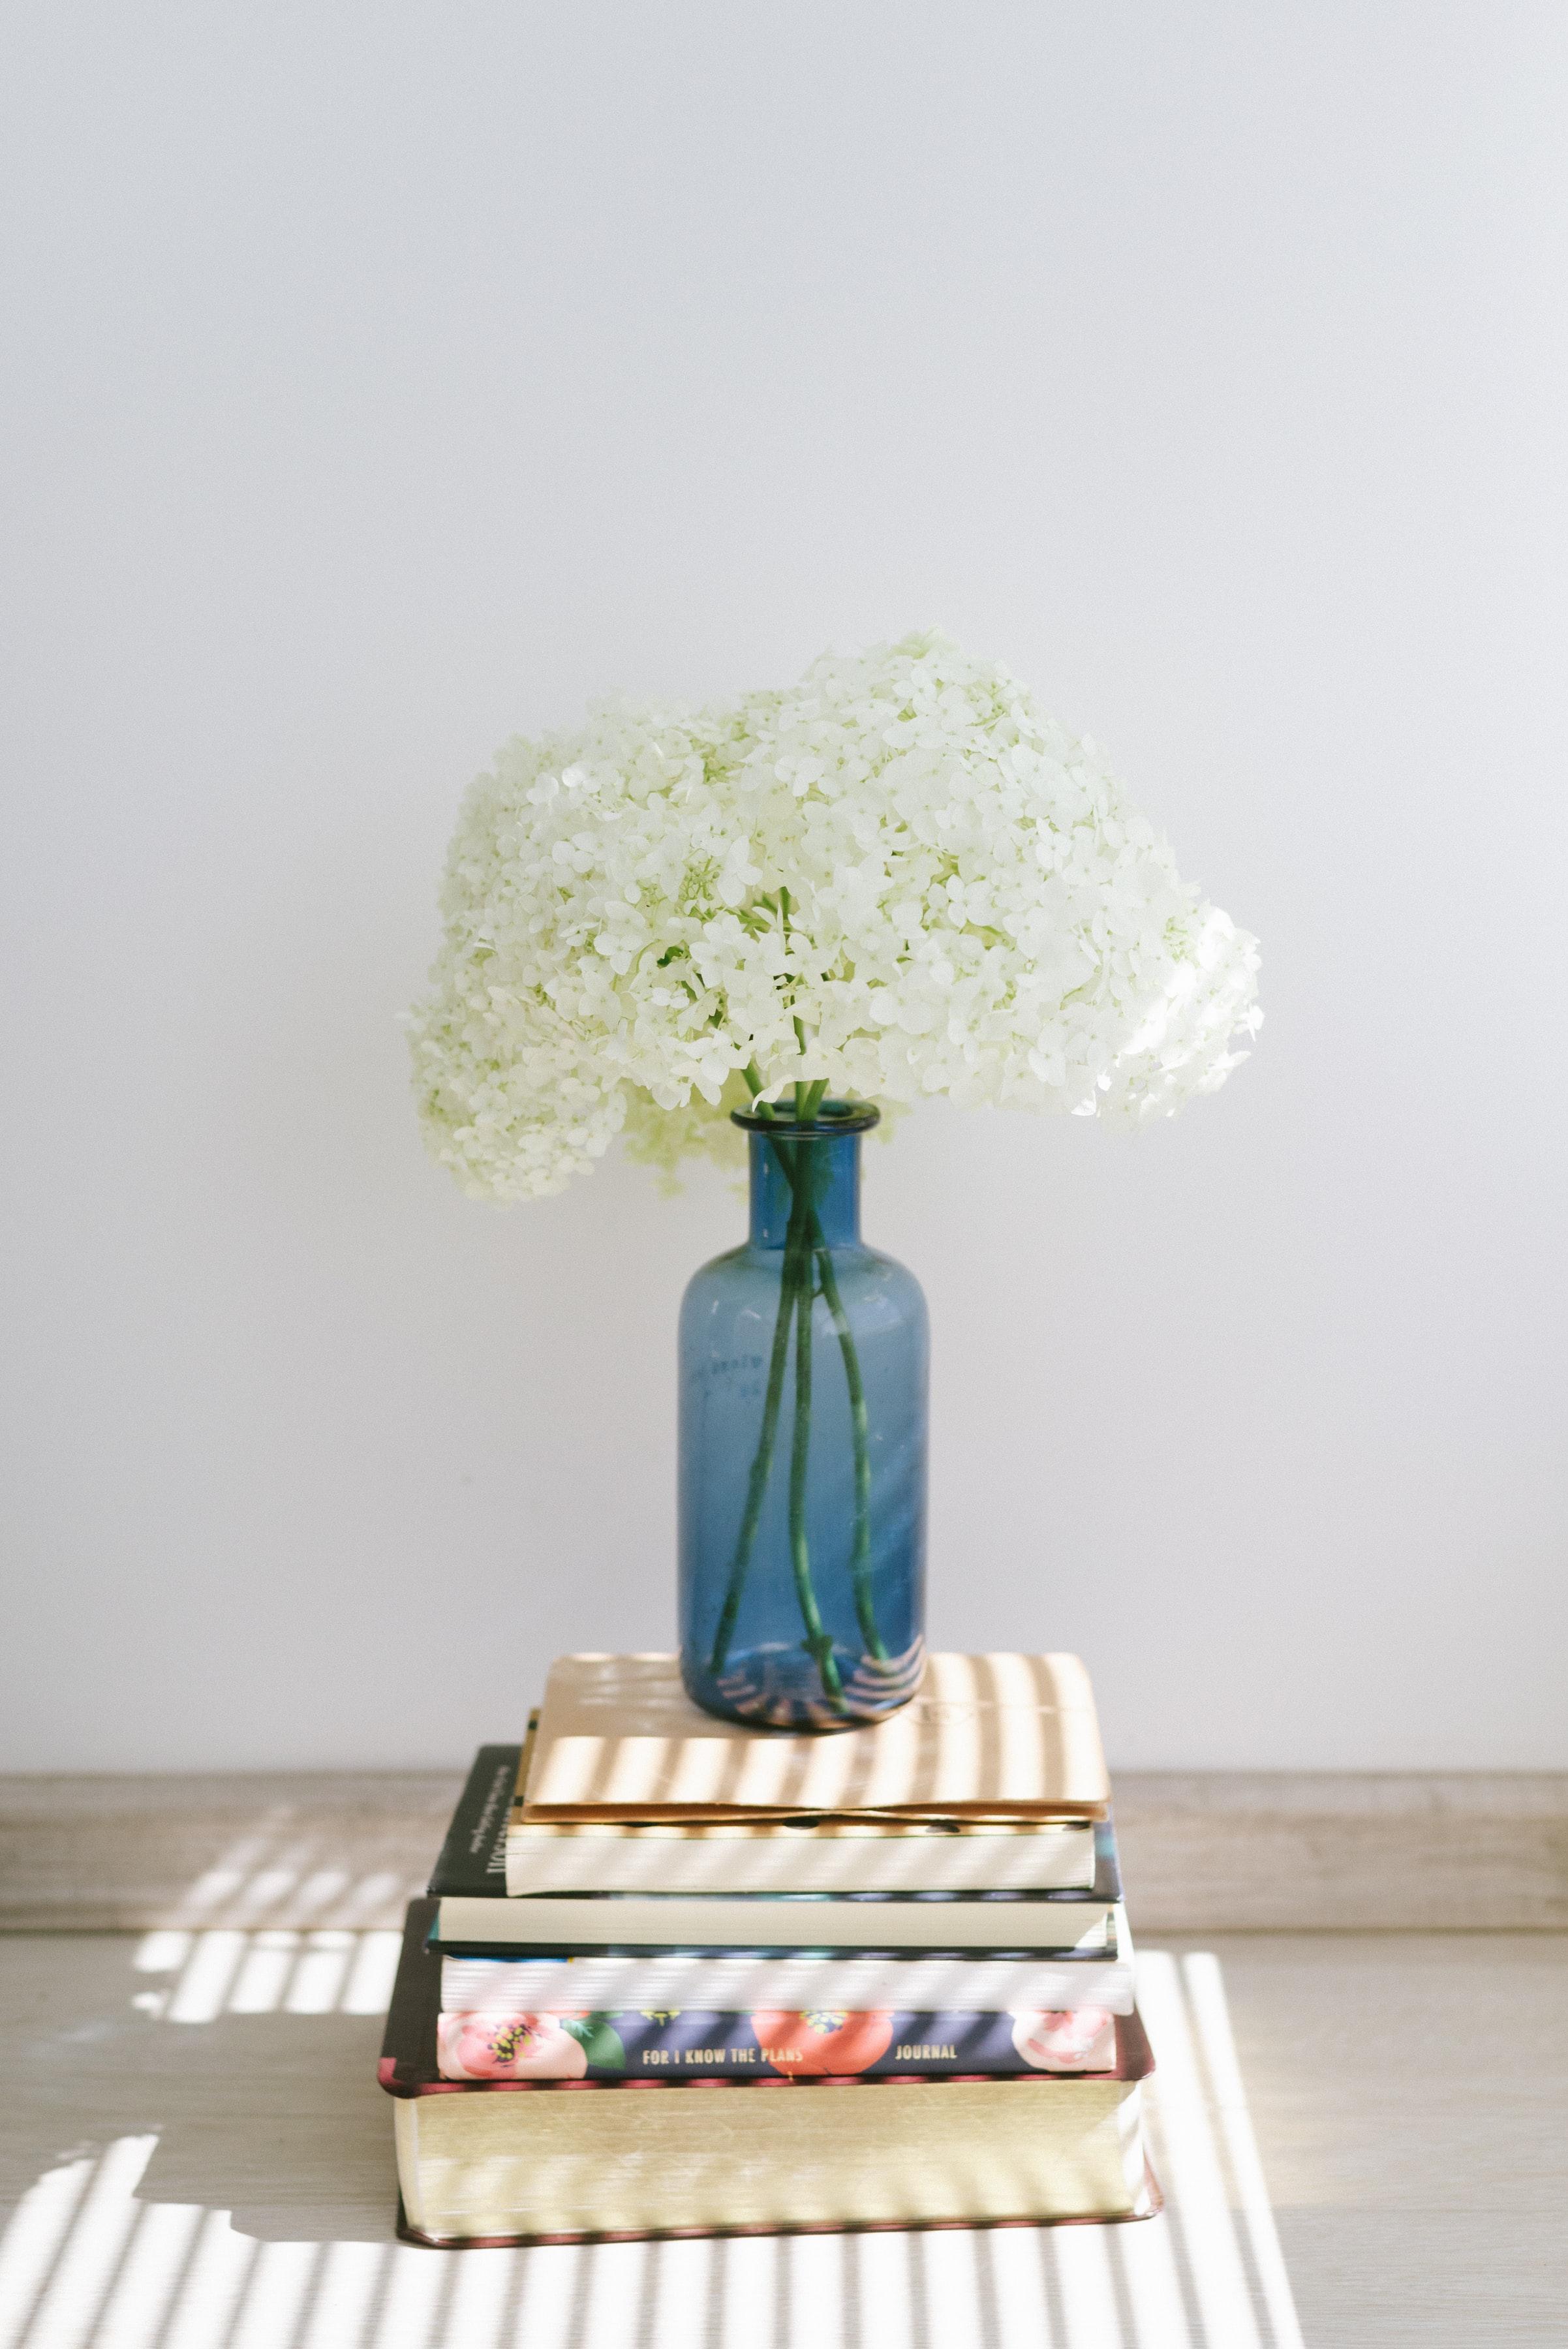 132263 скачать обои Цветы, Гортензия, Ваза, Книги - заставки и картинки бесплатно